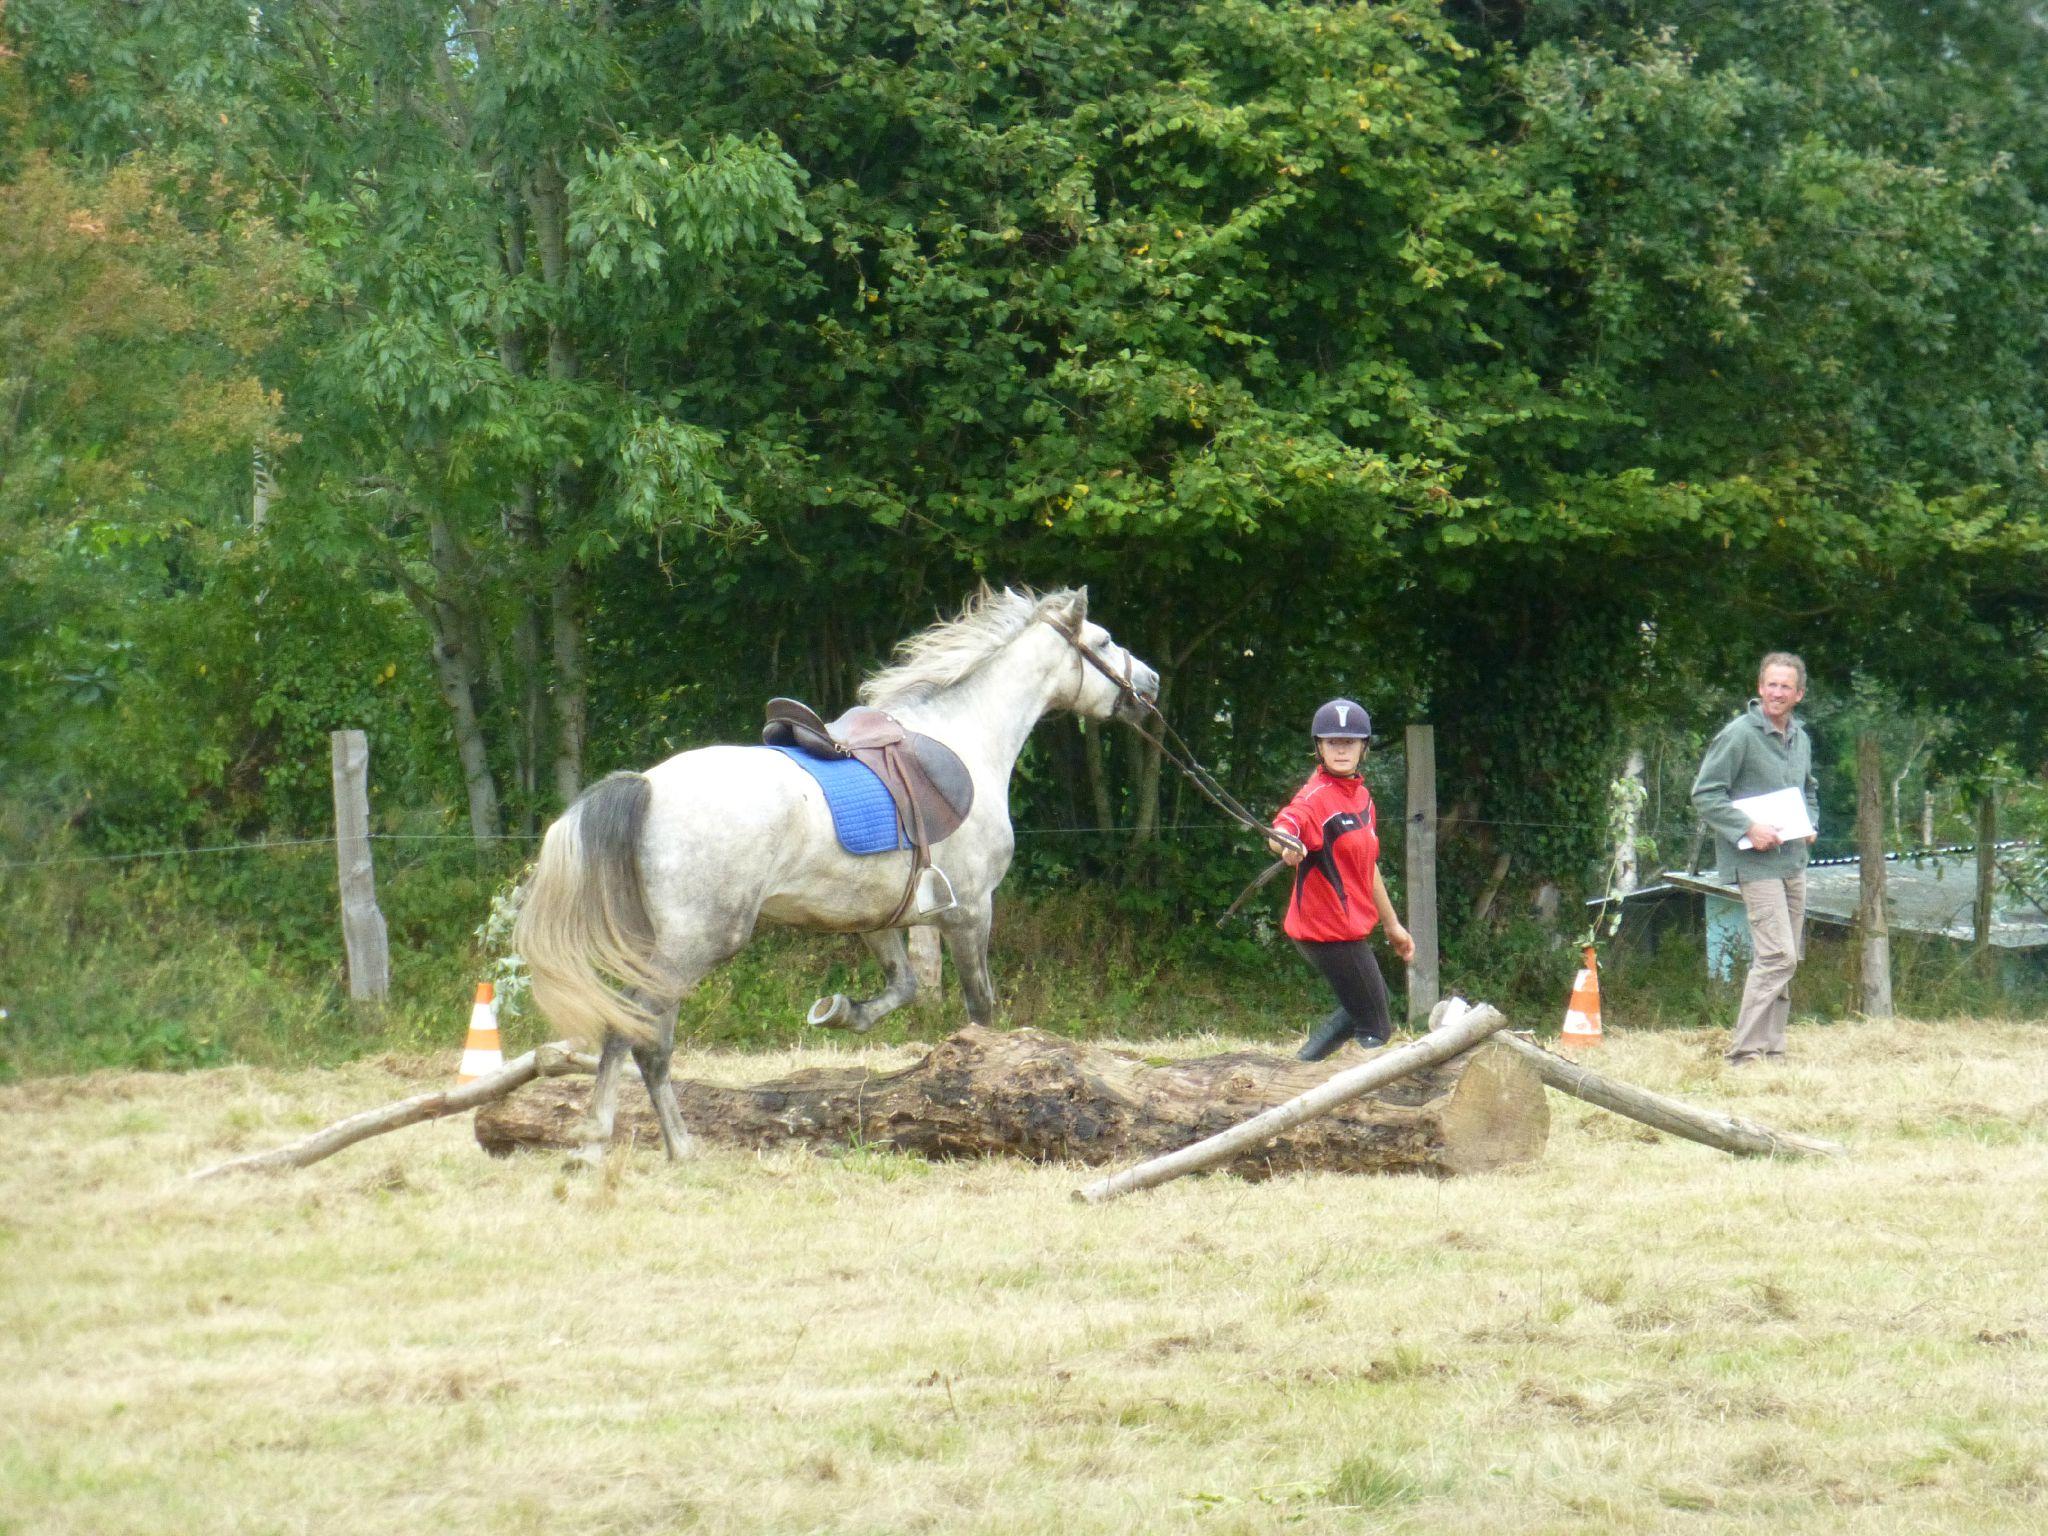 Jeux équestres manchots - parcours de pleine nature après-midi (197)